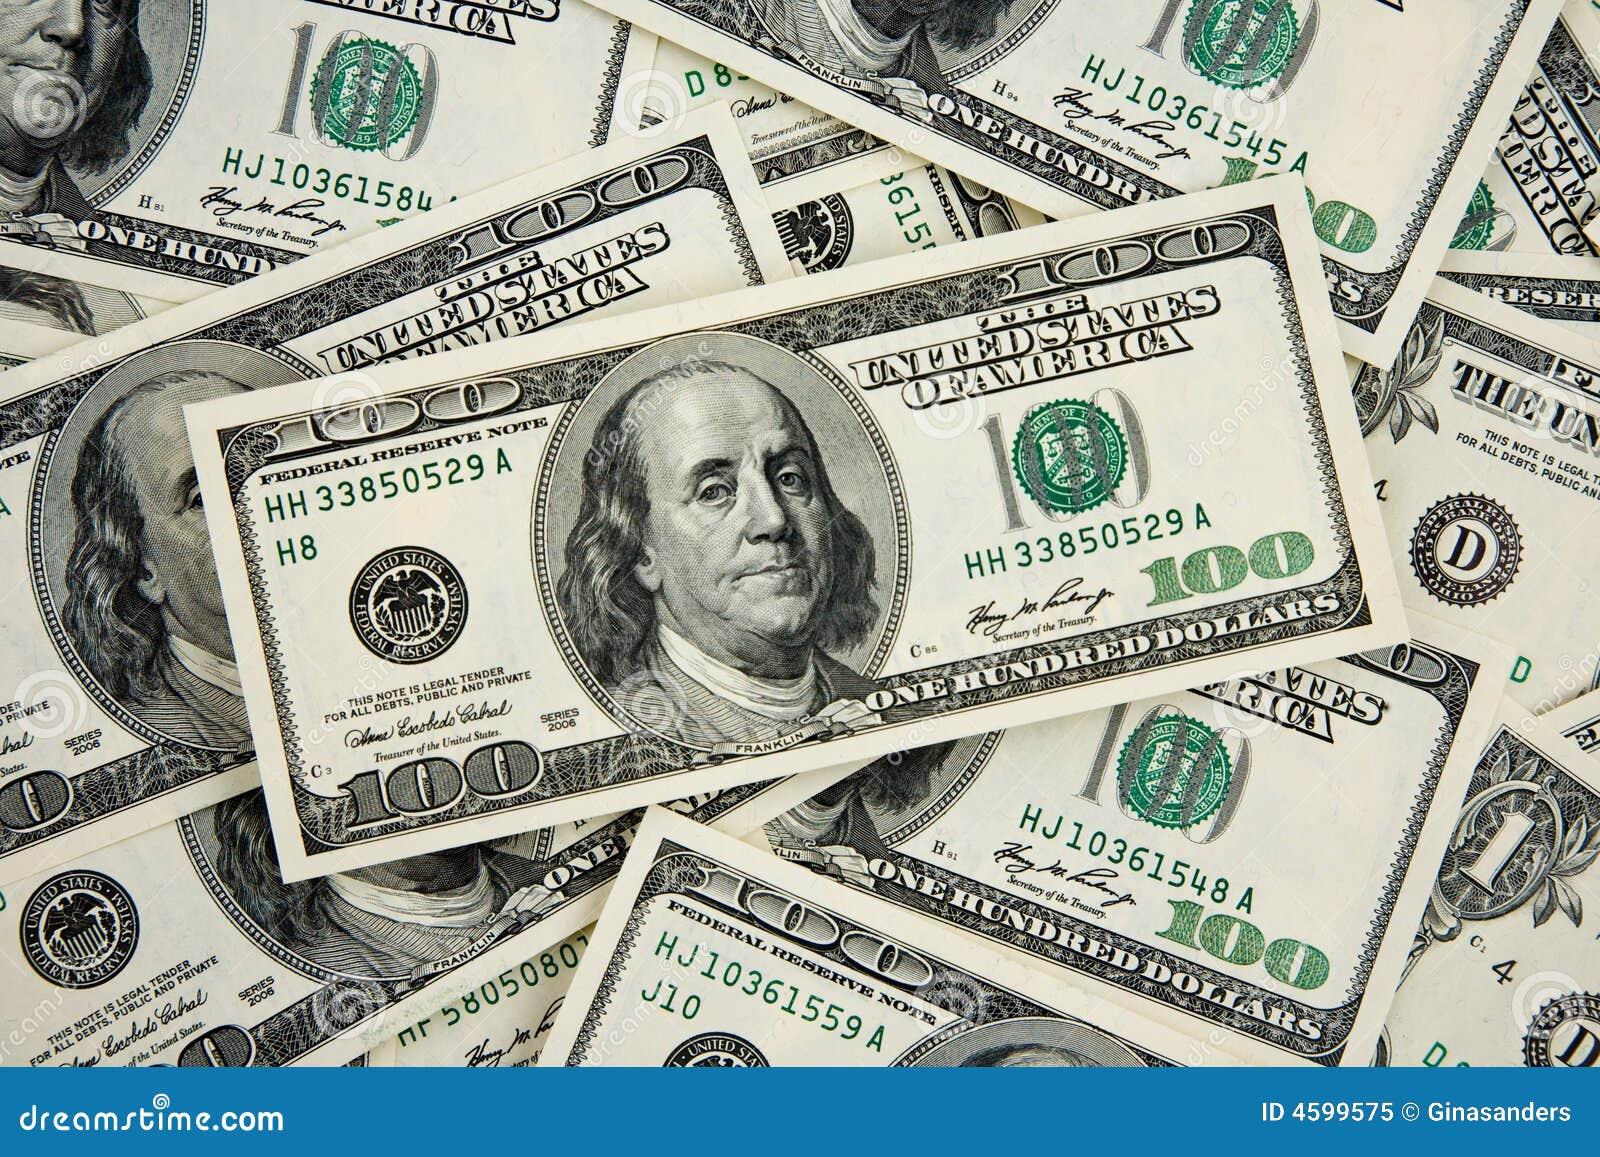 cash  100 bills stock image image of birthday  award clip art dollar bill sign clip art dollar bill image